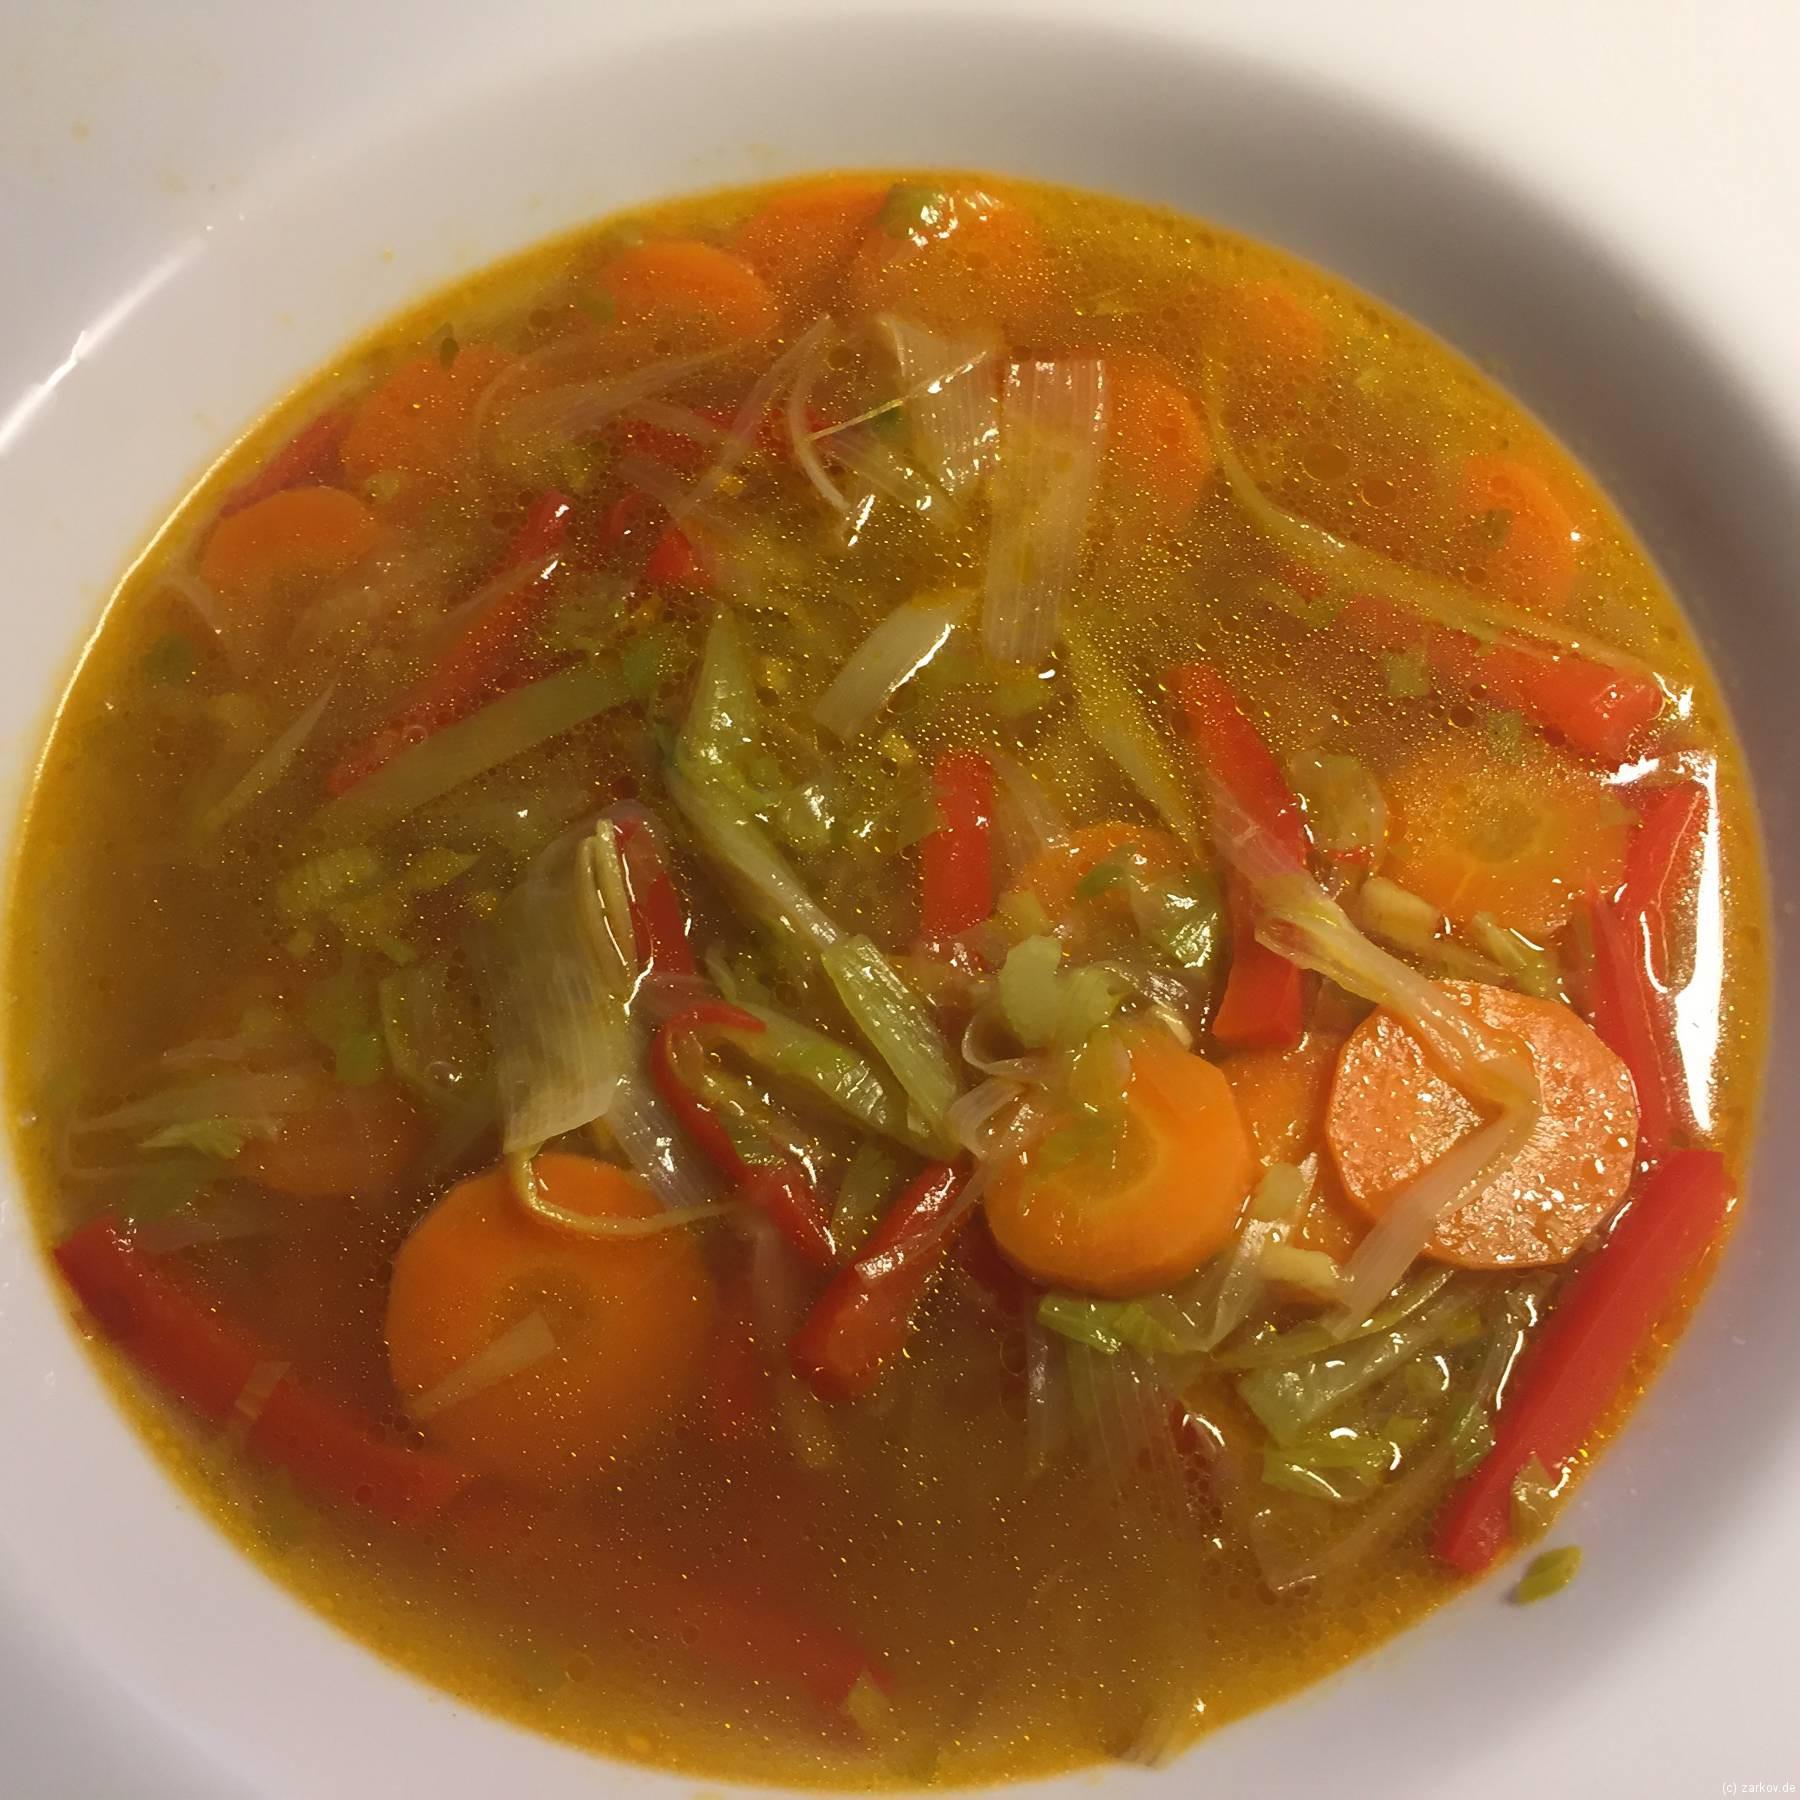 Schnelle Gemüse-Hühnersuppe - Gemüse anschwitzen